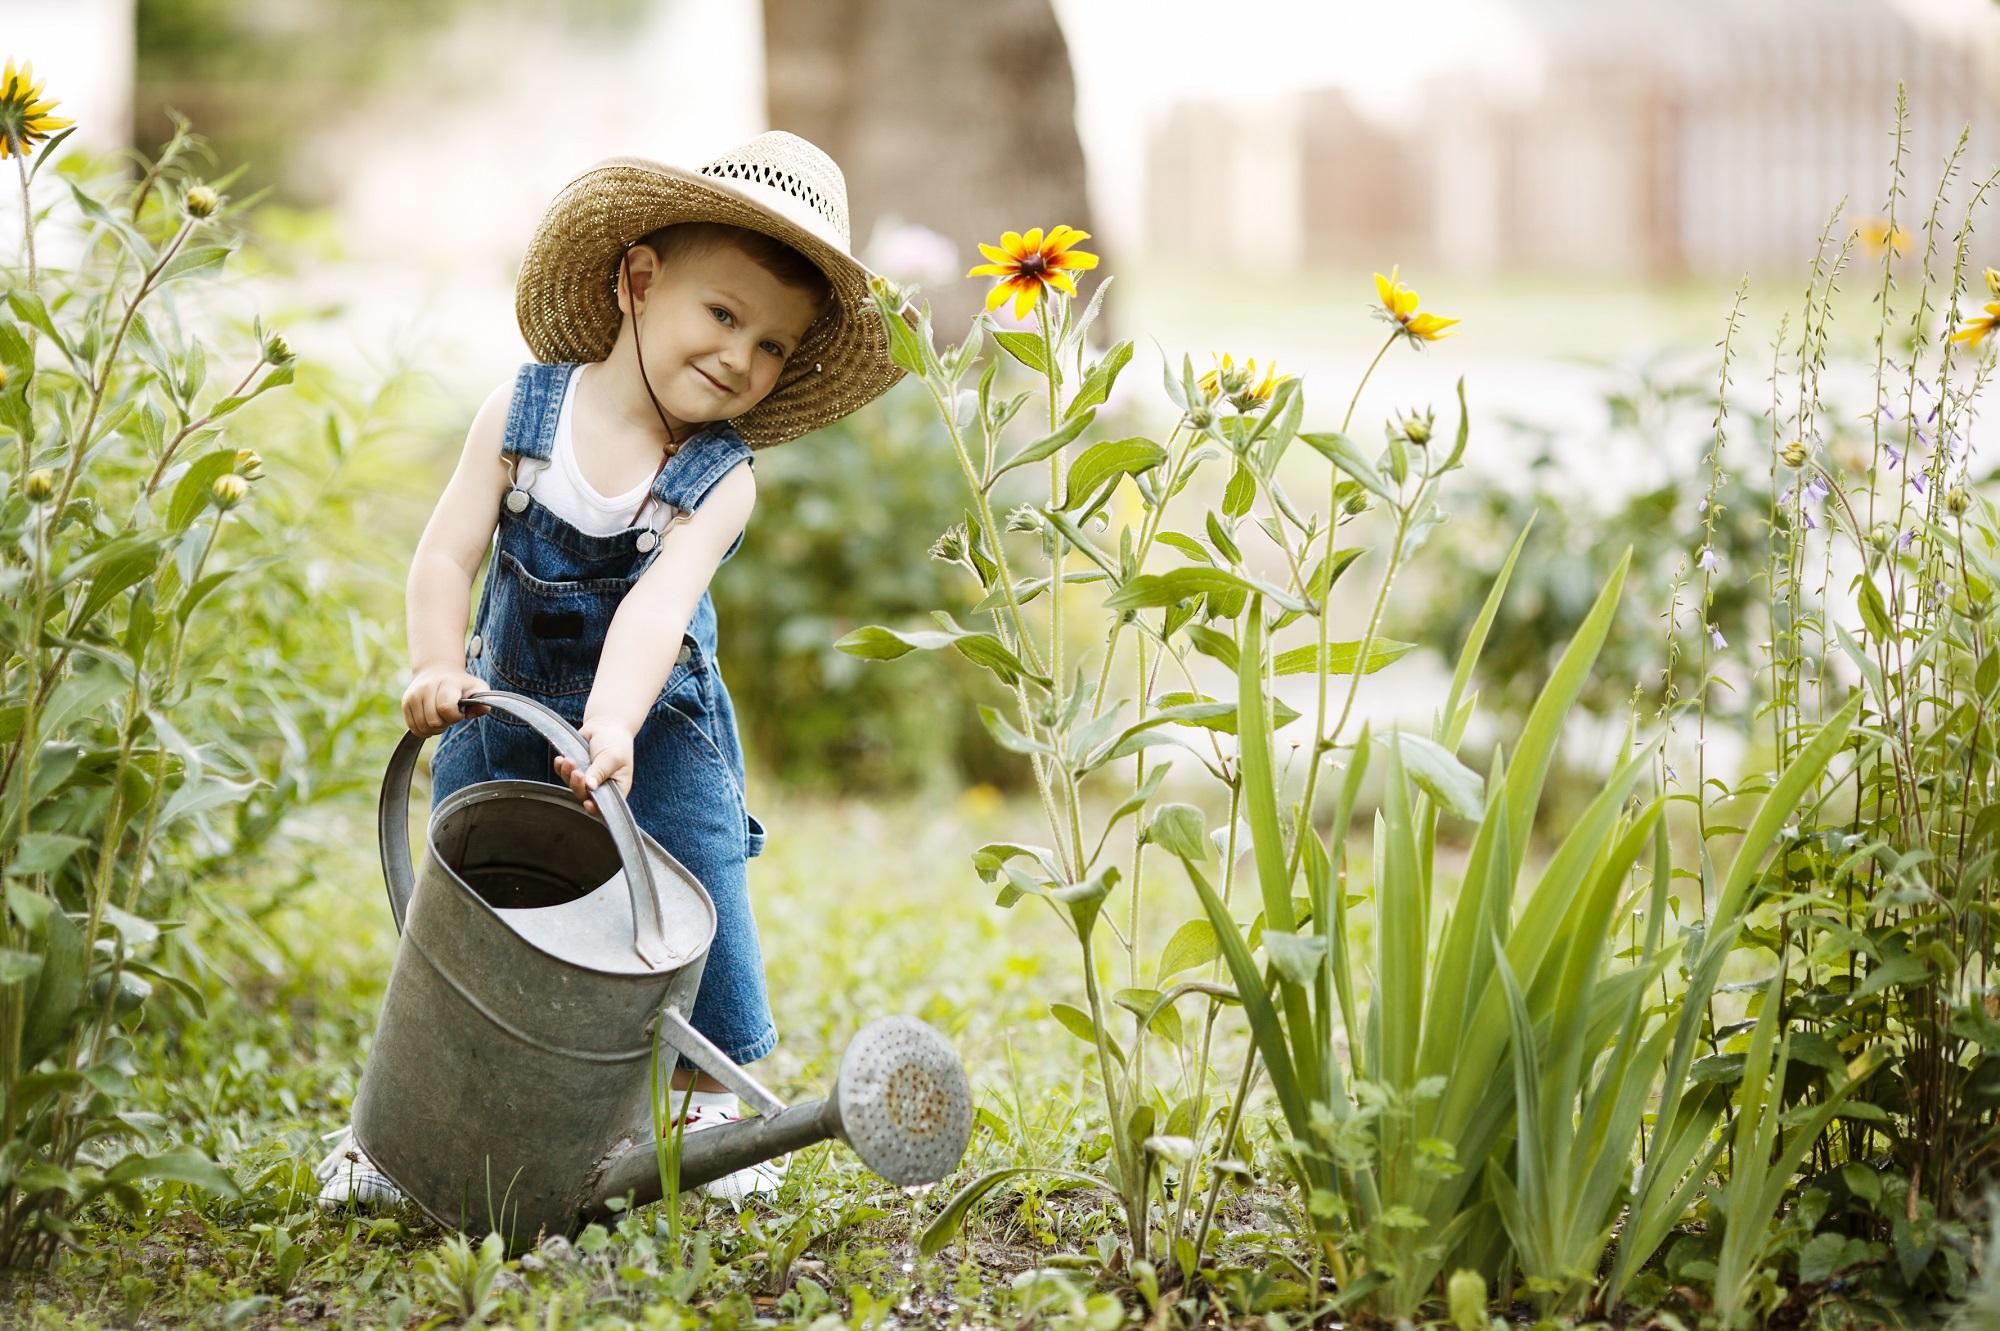 Календарь садовода и огородника июне 2018. Источник фото: Shutterstock